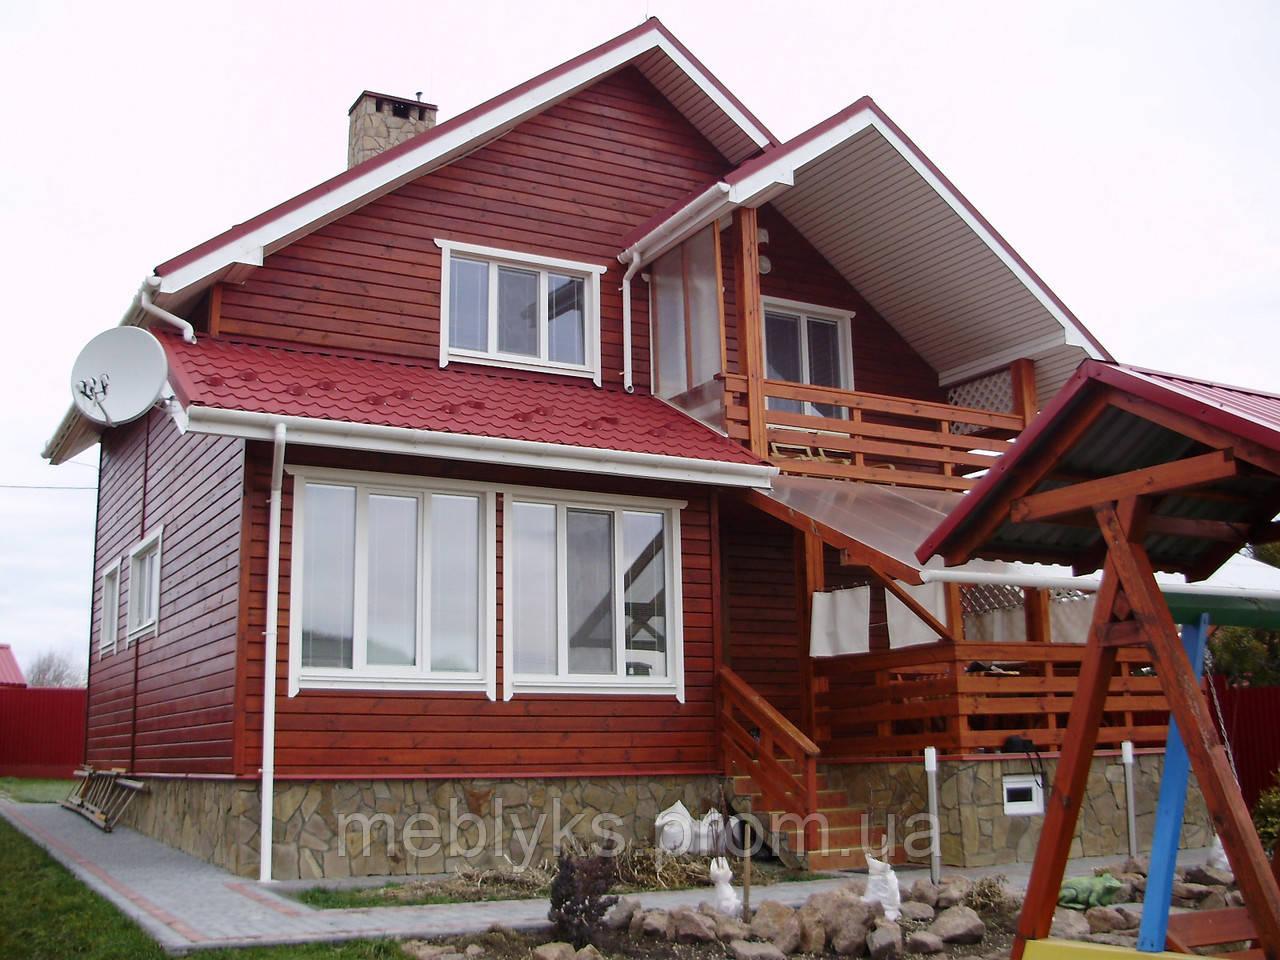 Дом деревянный коттедж №3 - Меблюкс в Львовской области